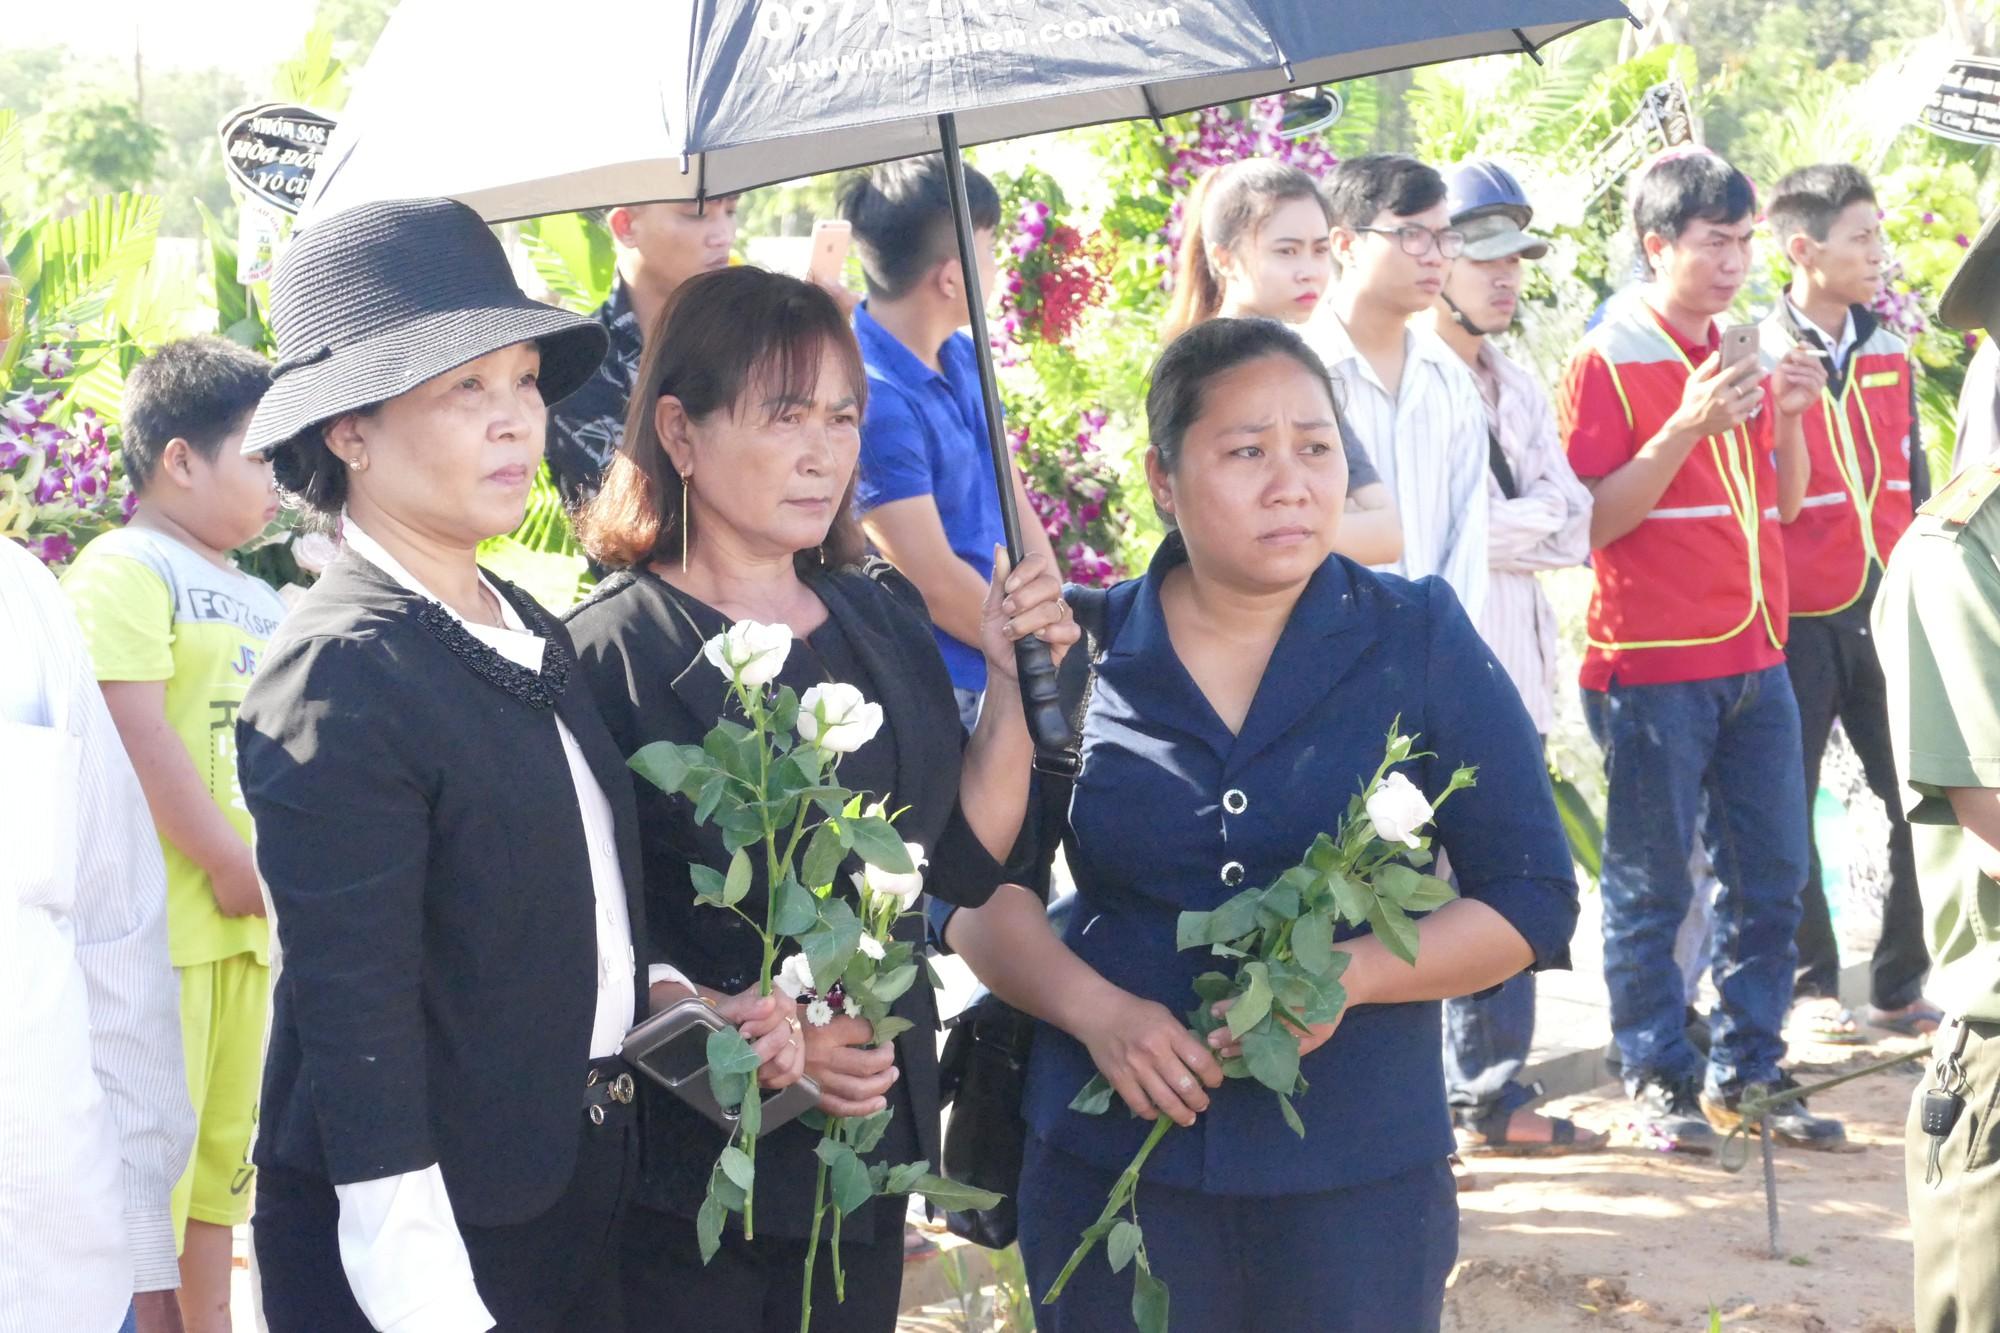 Người vợ chưa kịp mặc áo cưới của hiệp sĩ bị đâm tử vong ở Sài Gòn khóc nghẹn trong lễ tang chồng  - Ảnh 5.